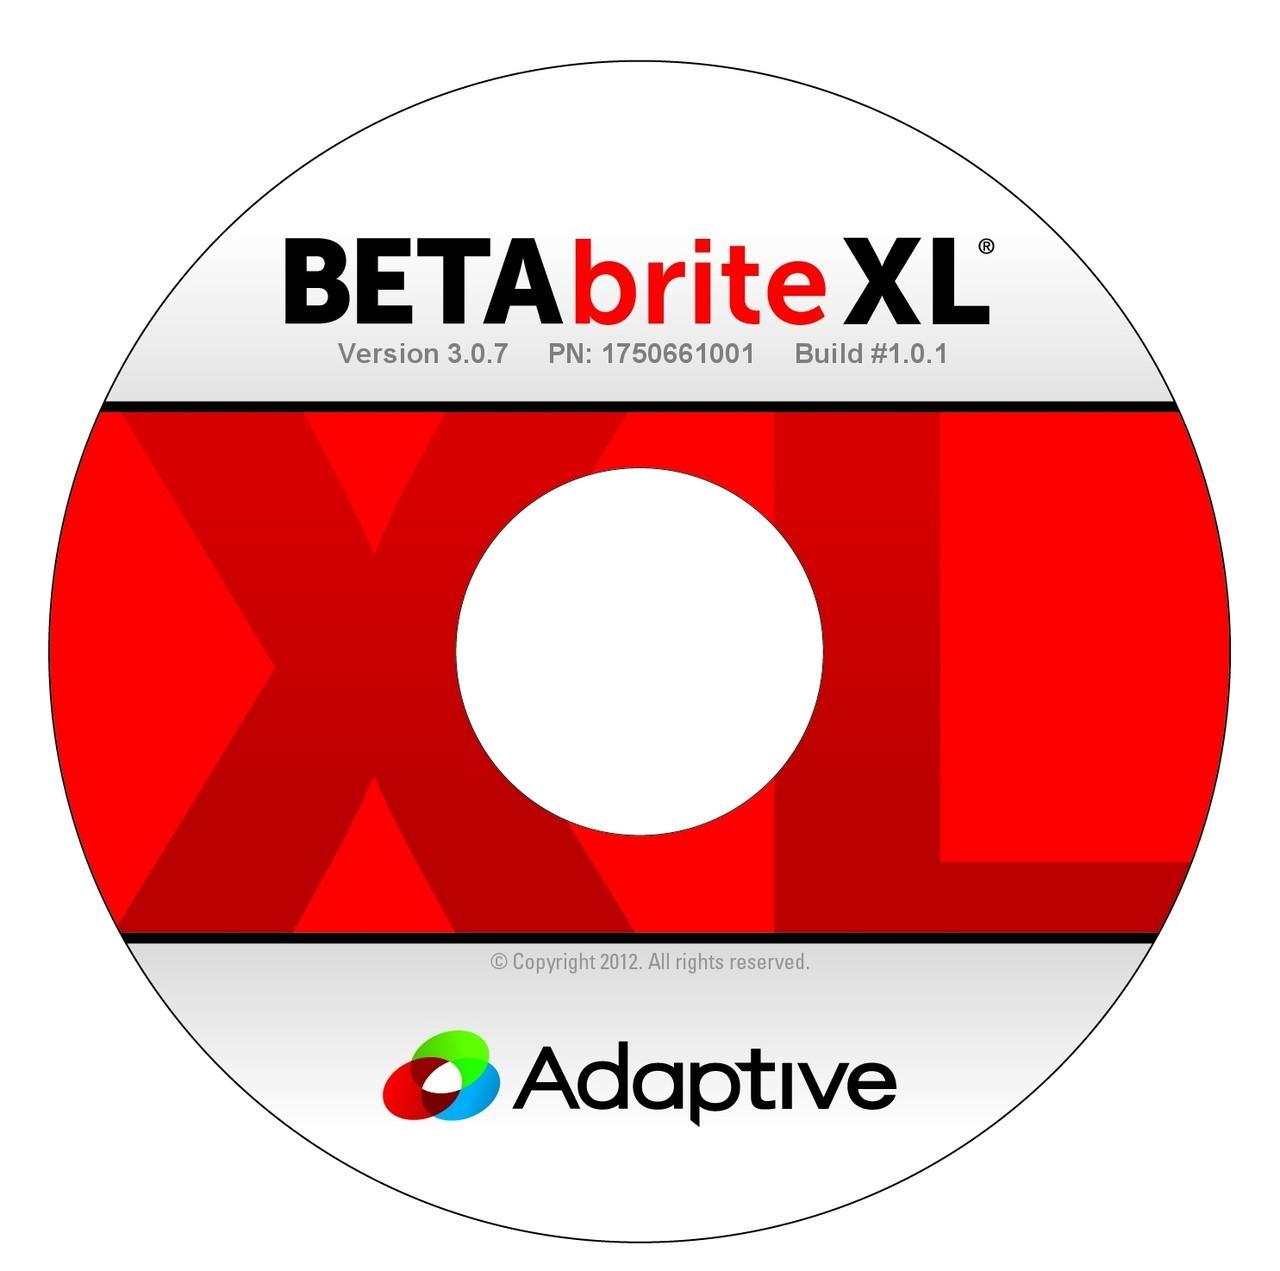 Betabrite prism software free download.